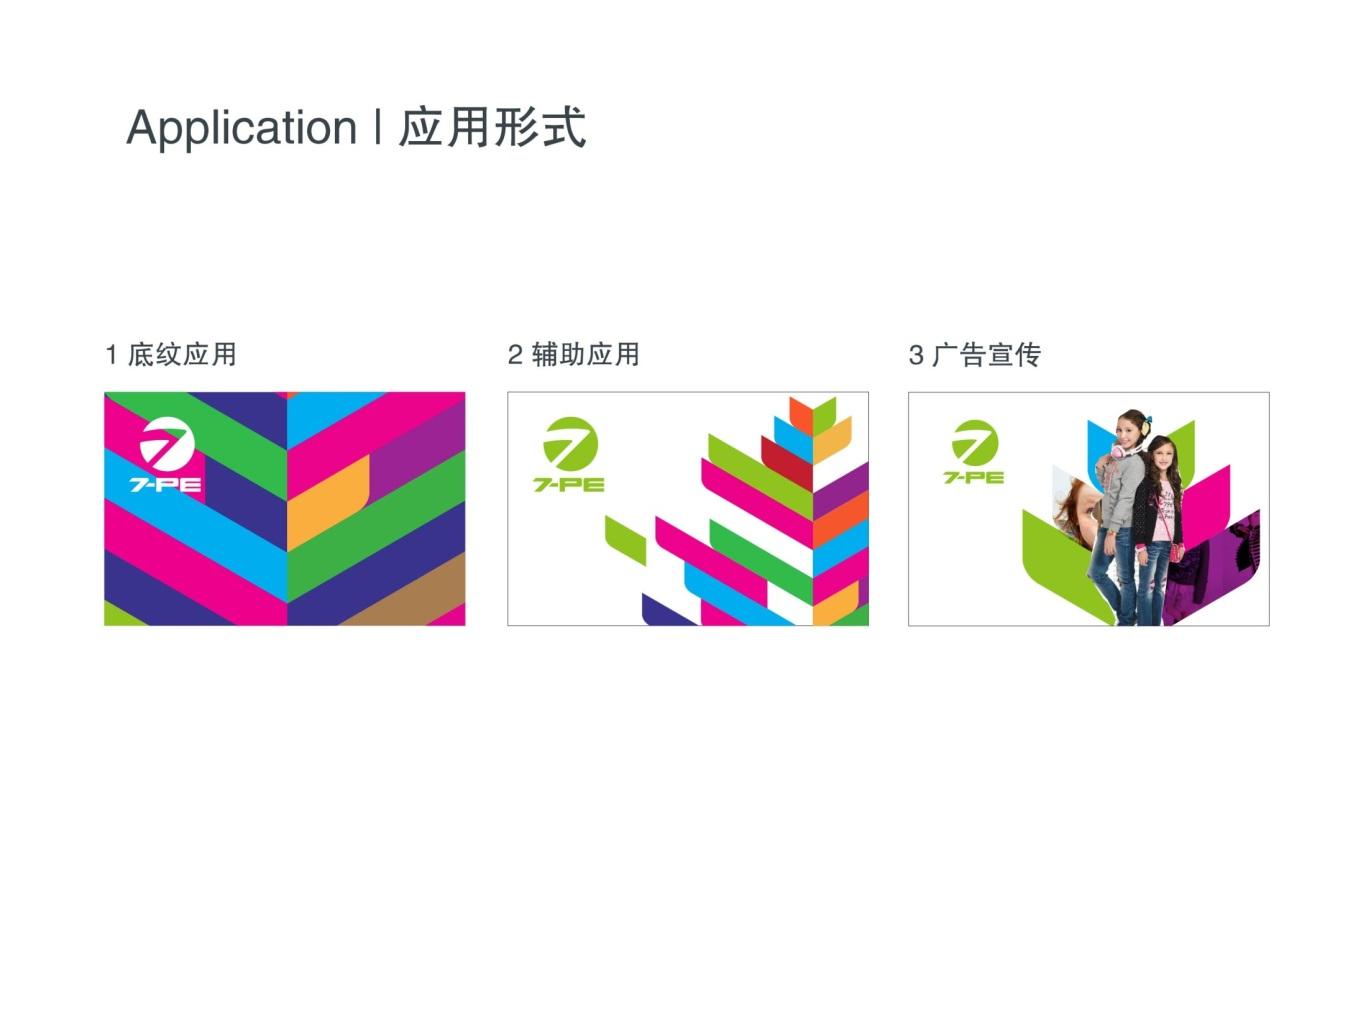 七波辉(7-PE)青少年休闲服饰品牌设计方案图4